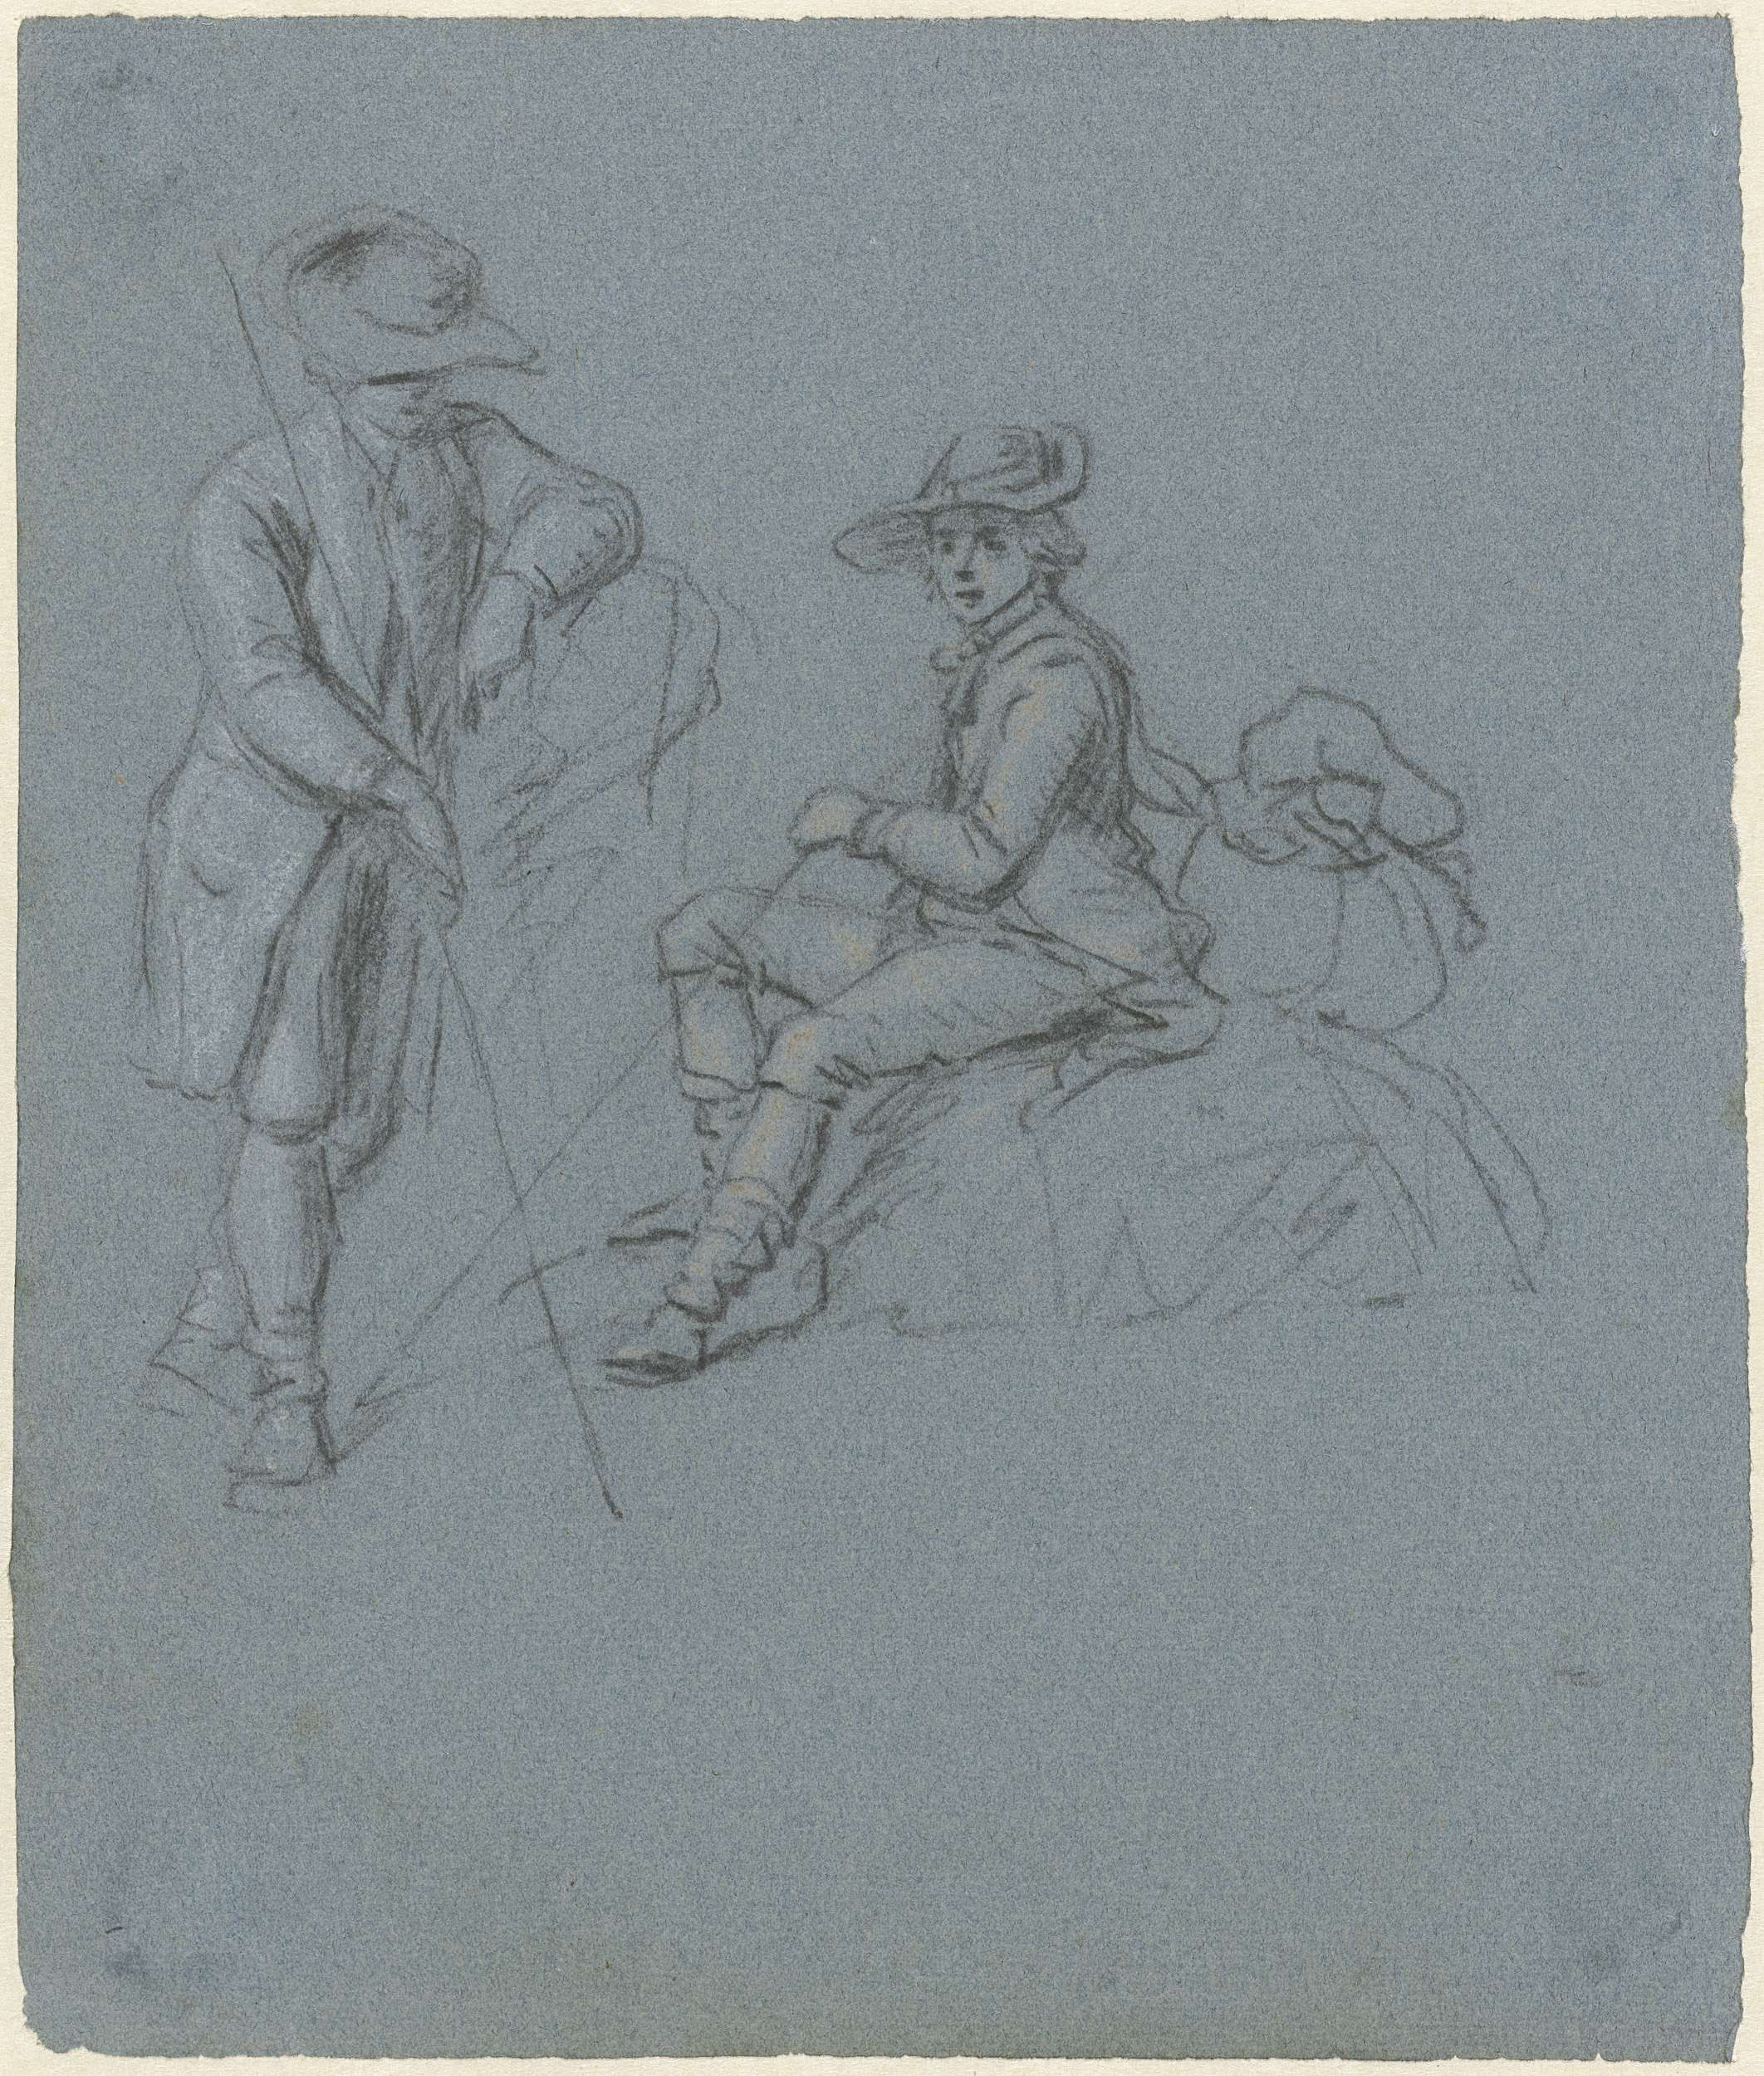 Jordanus Hoorn | Twee schetsen van een reiziger, staand en zittend, Jordanus Hoorn, 1763 - 1833 | Studieblad met twee schetsen van een reiziger, staand en zittend.